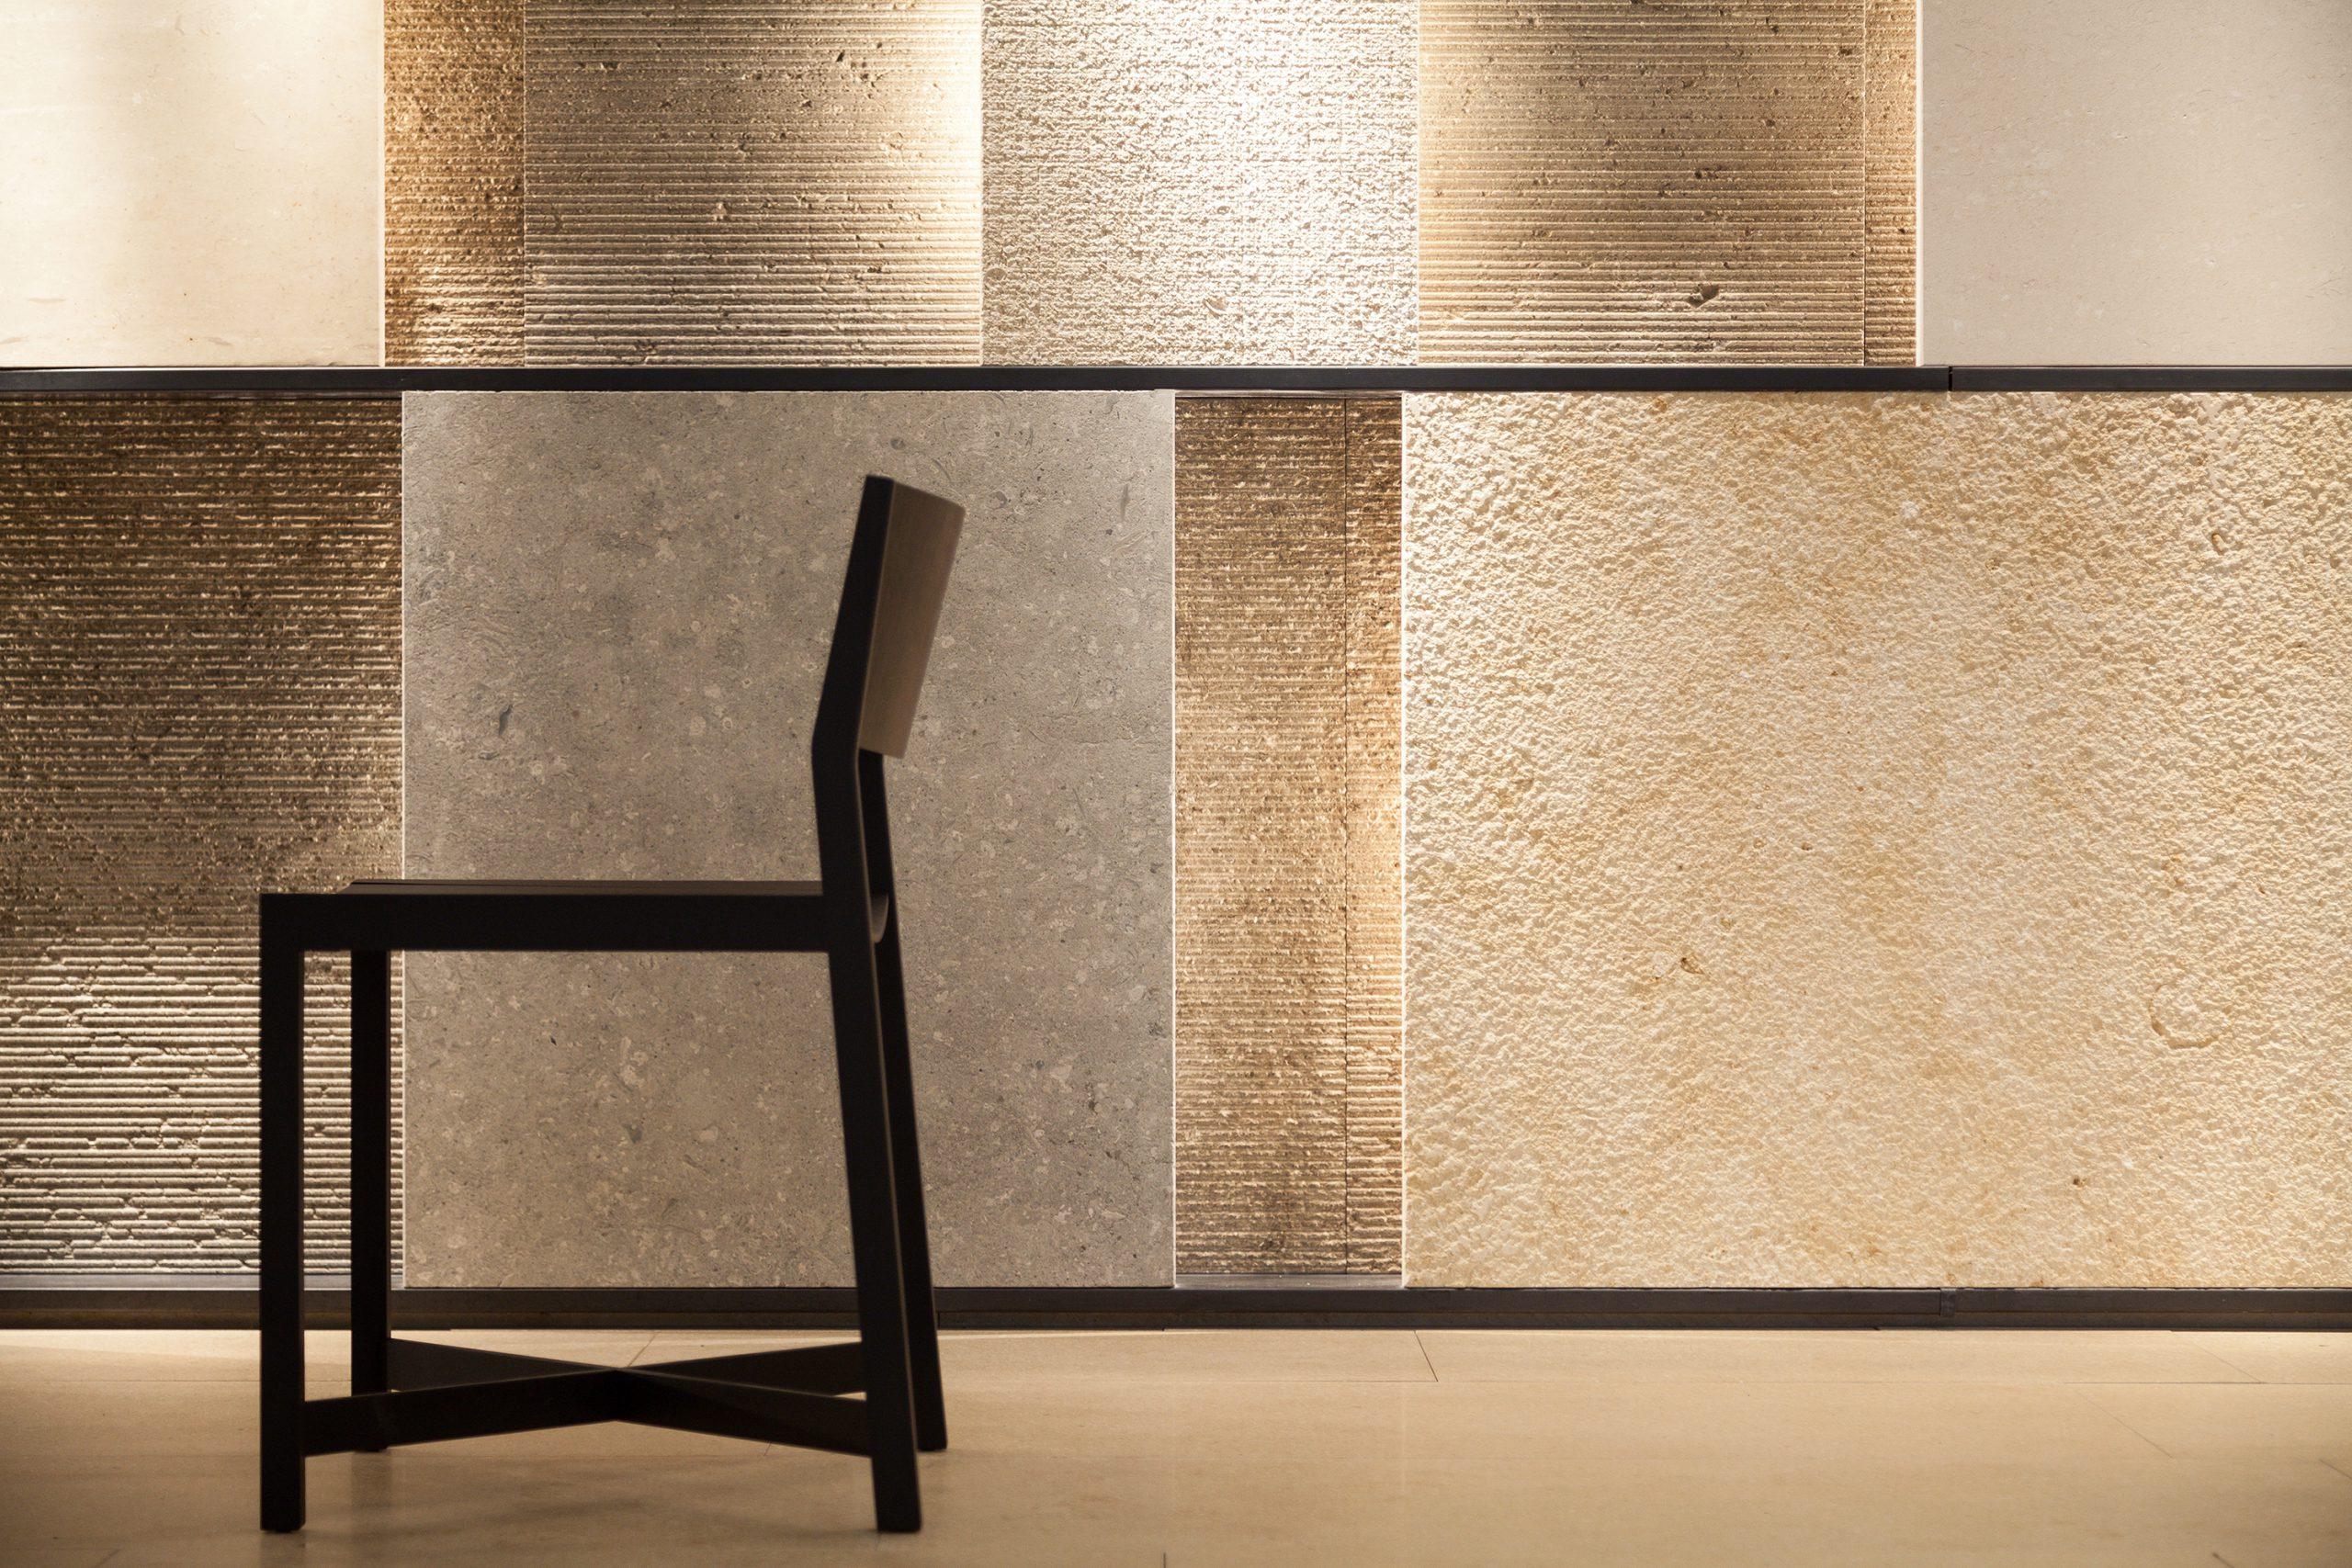 Marmomac 2016 booth designed by Debiasi Sandri for Grassi Pietre